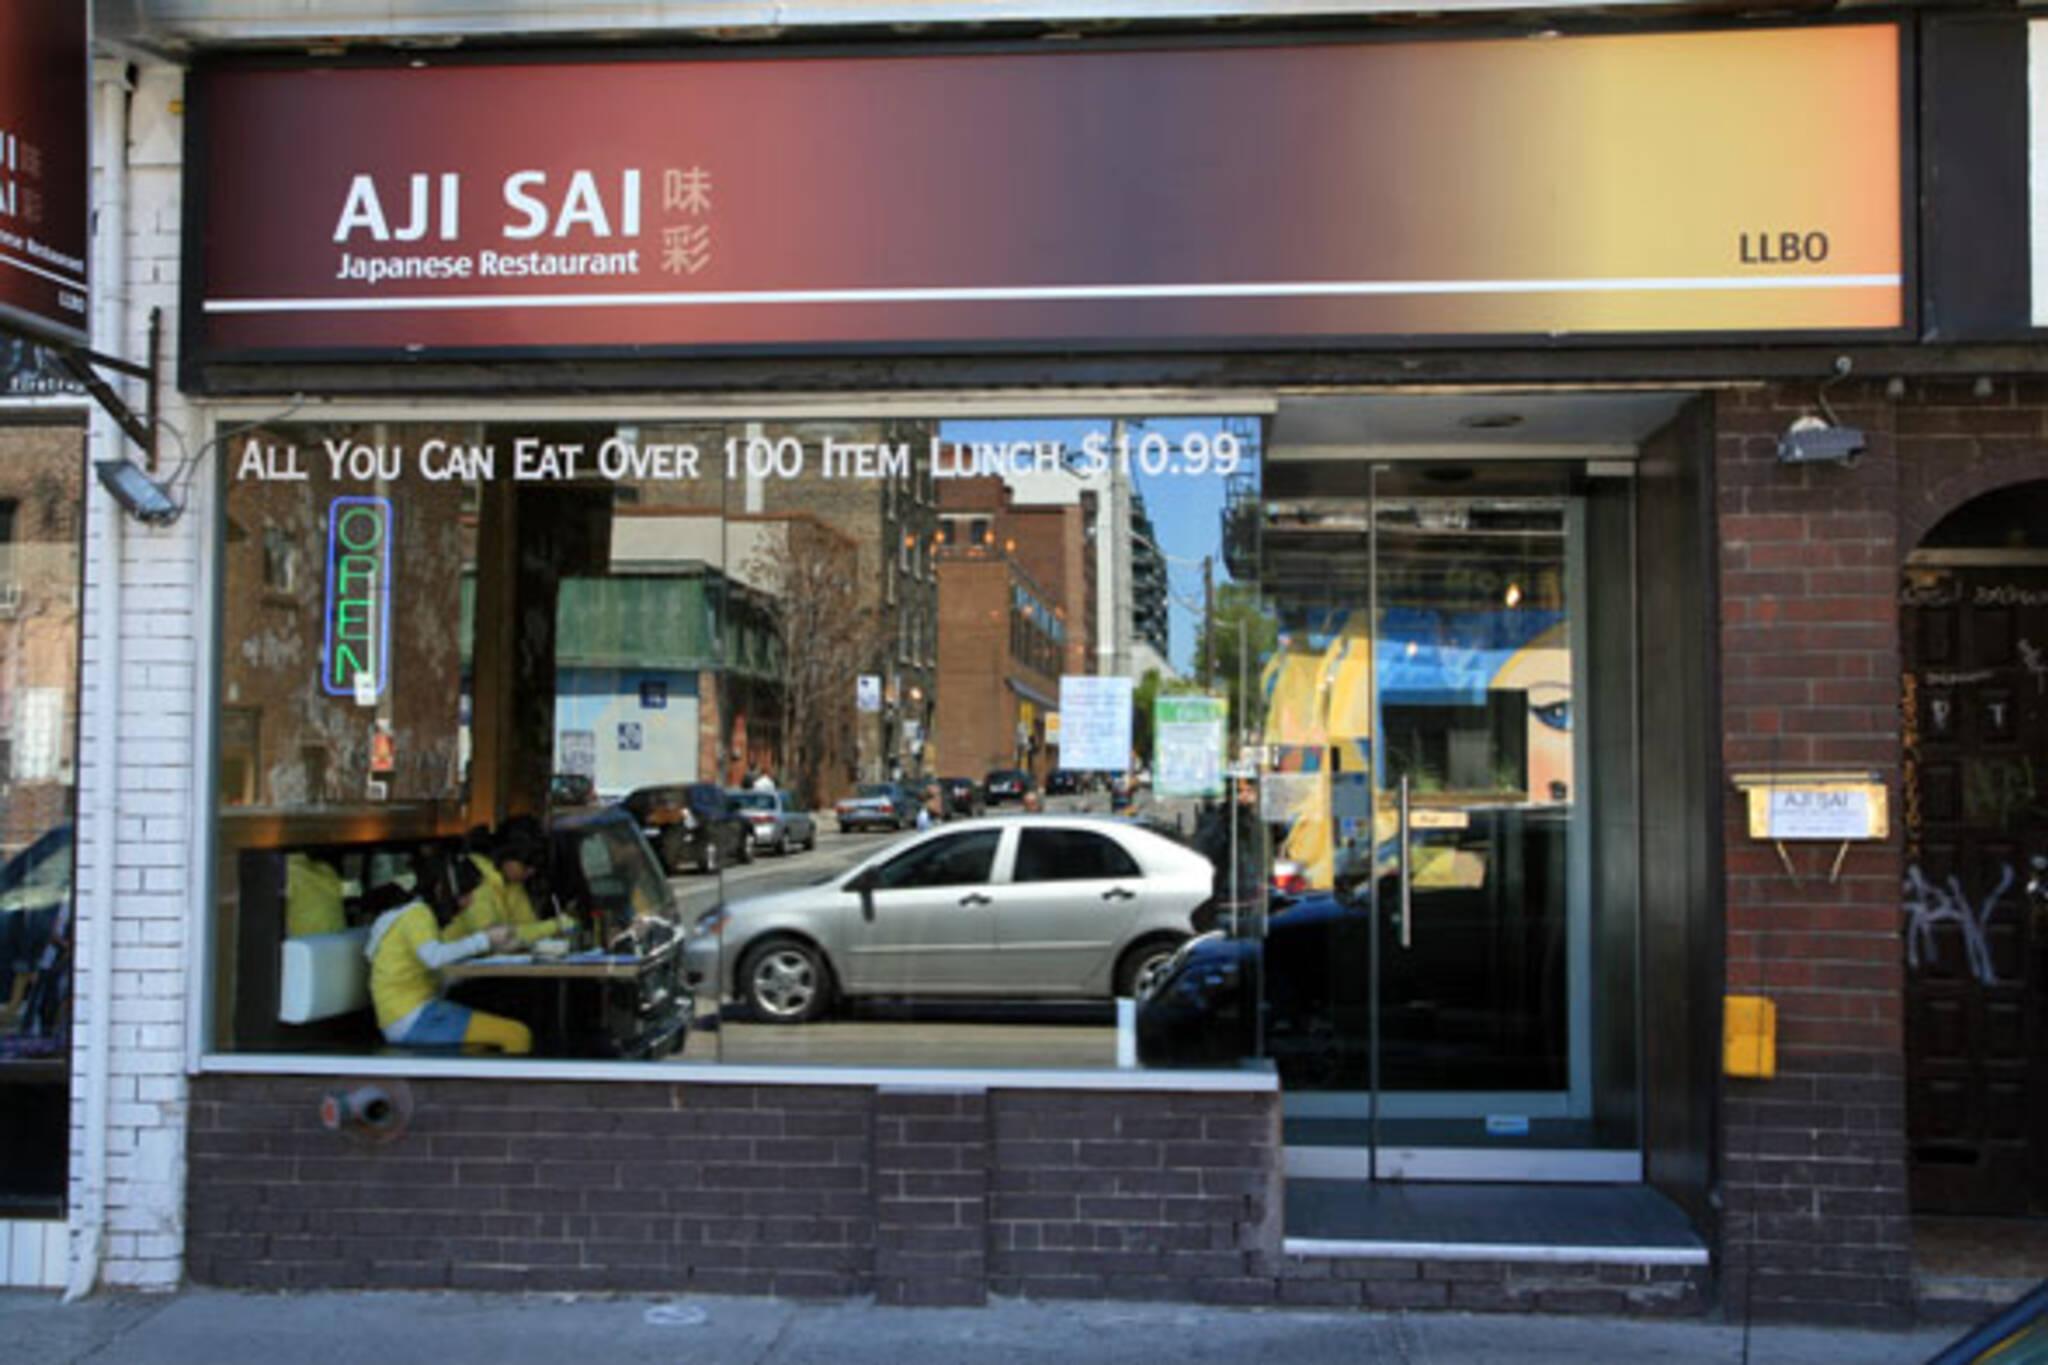 Aji sai blogto toronto for Aji sai asian cuisine